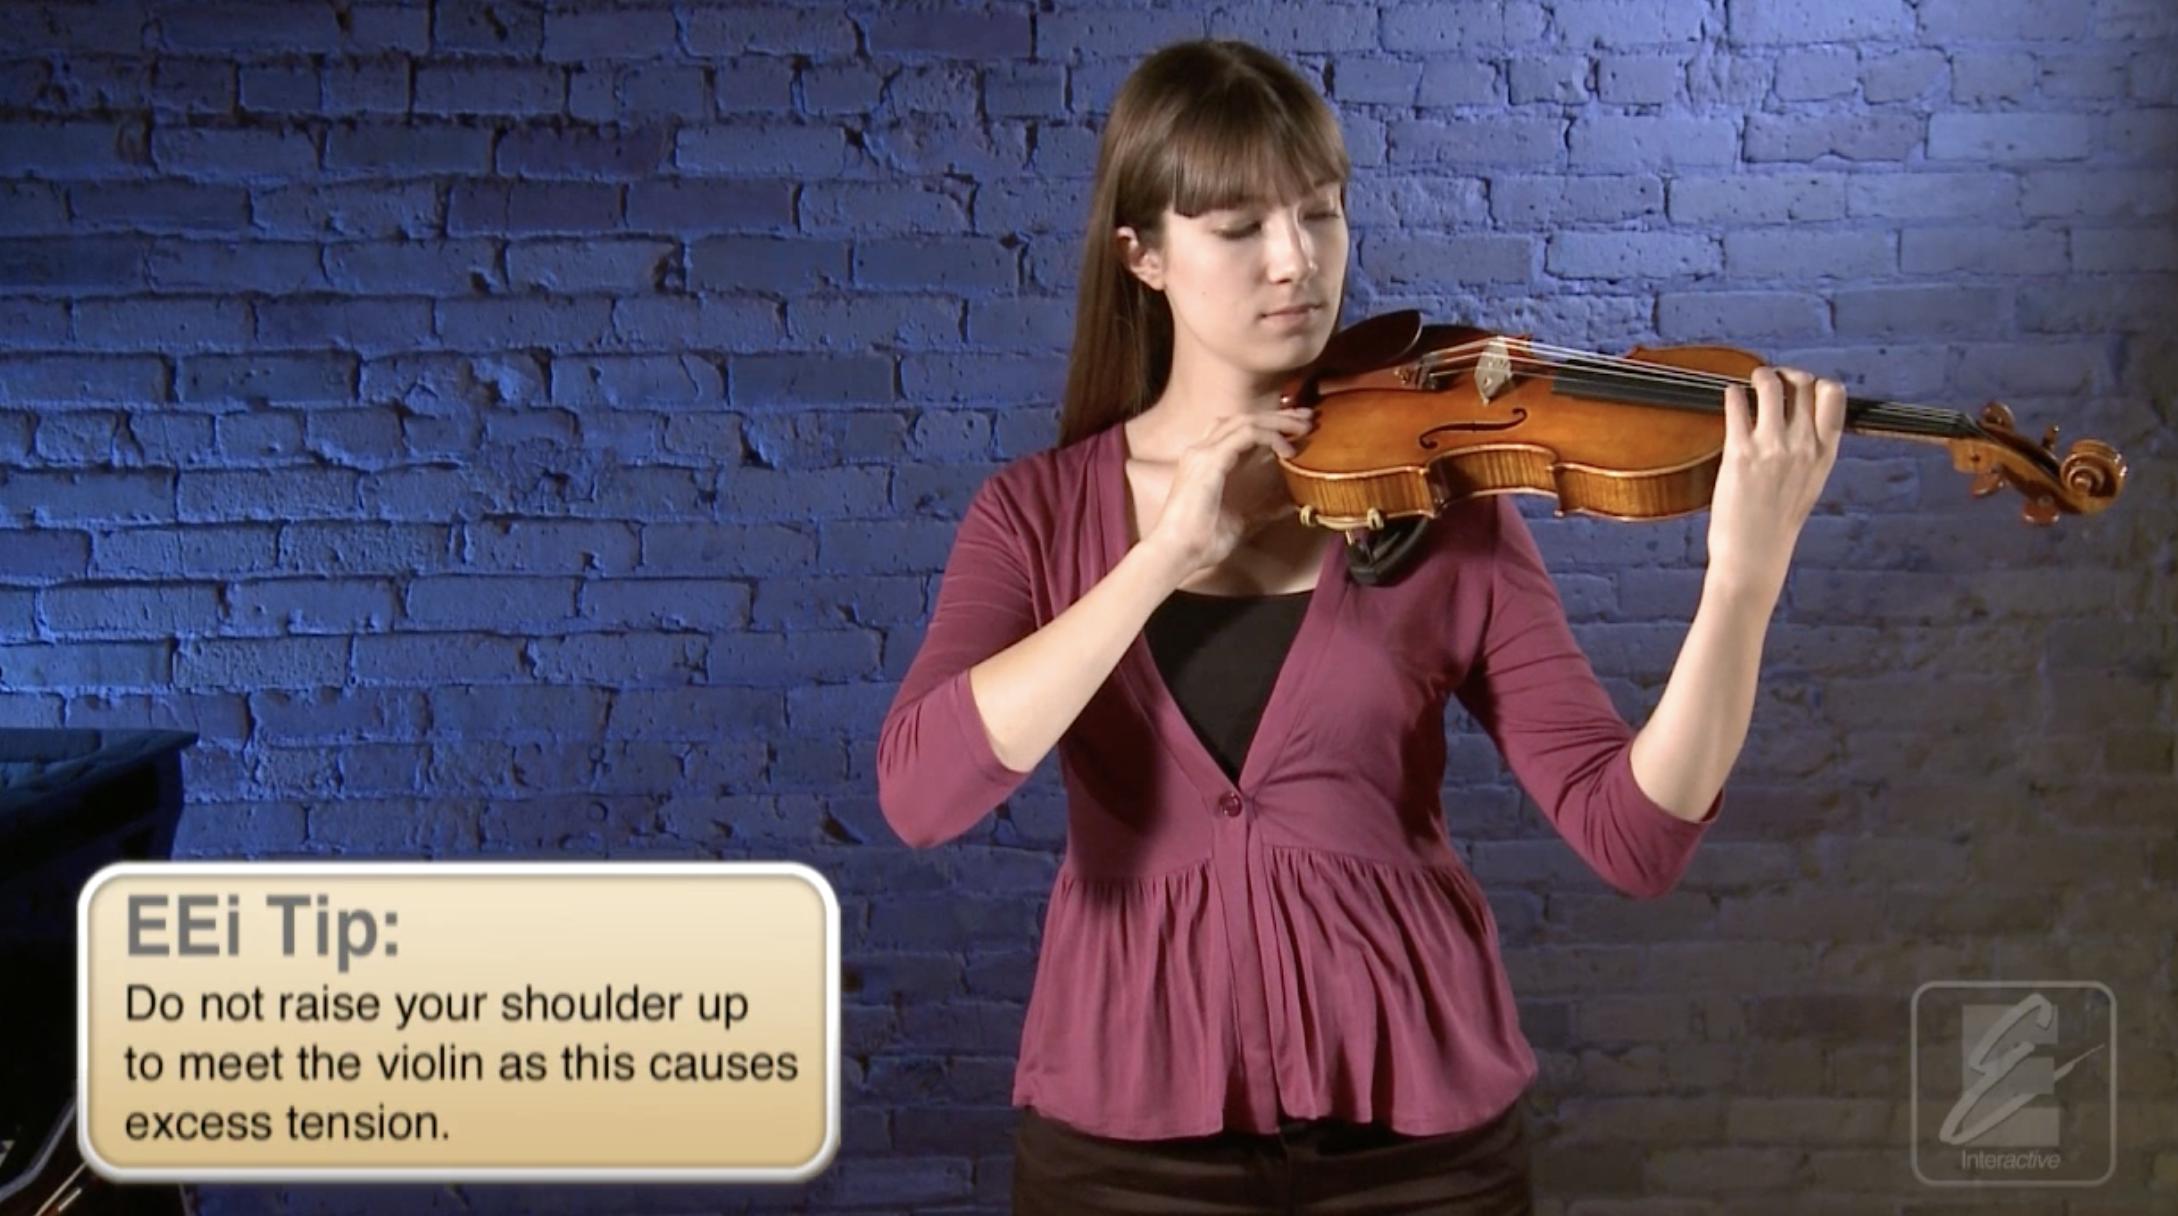 EEi Violing Video.png